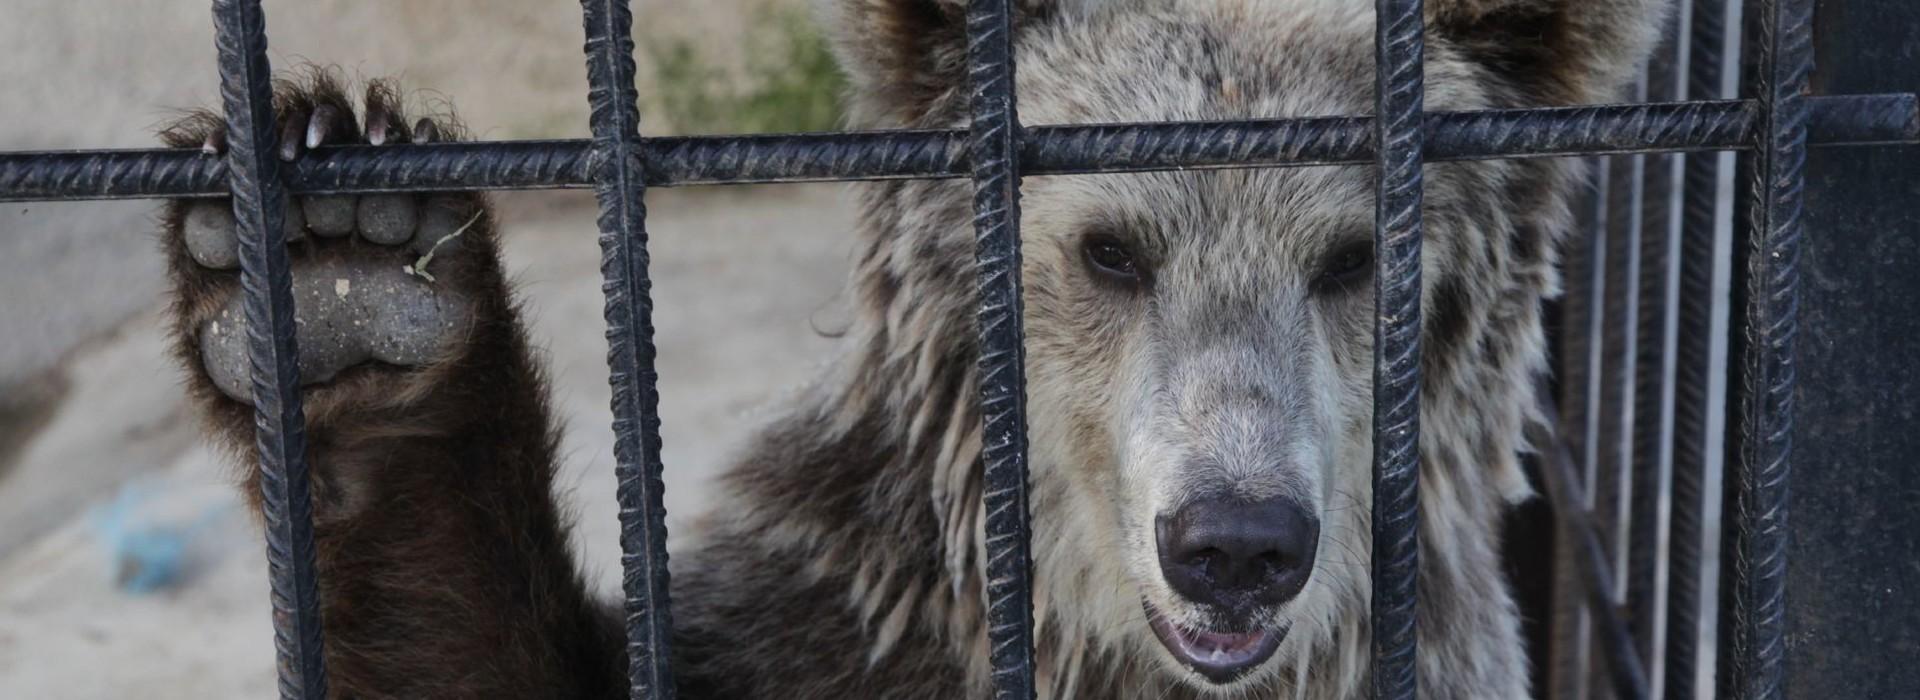 Ihre Spende für Tiere in Not